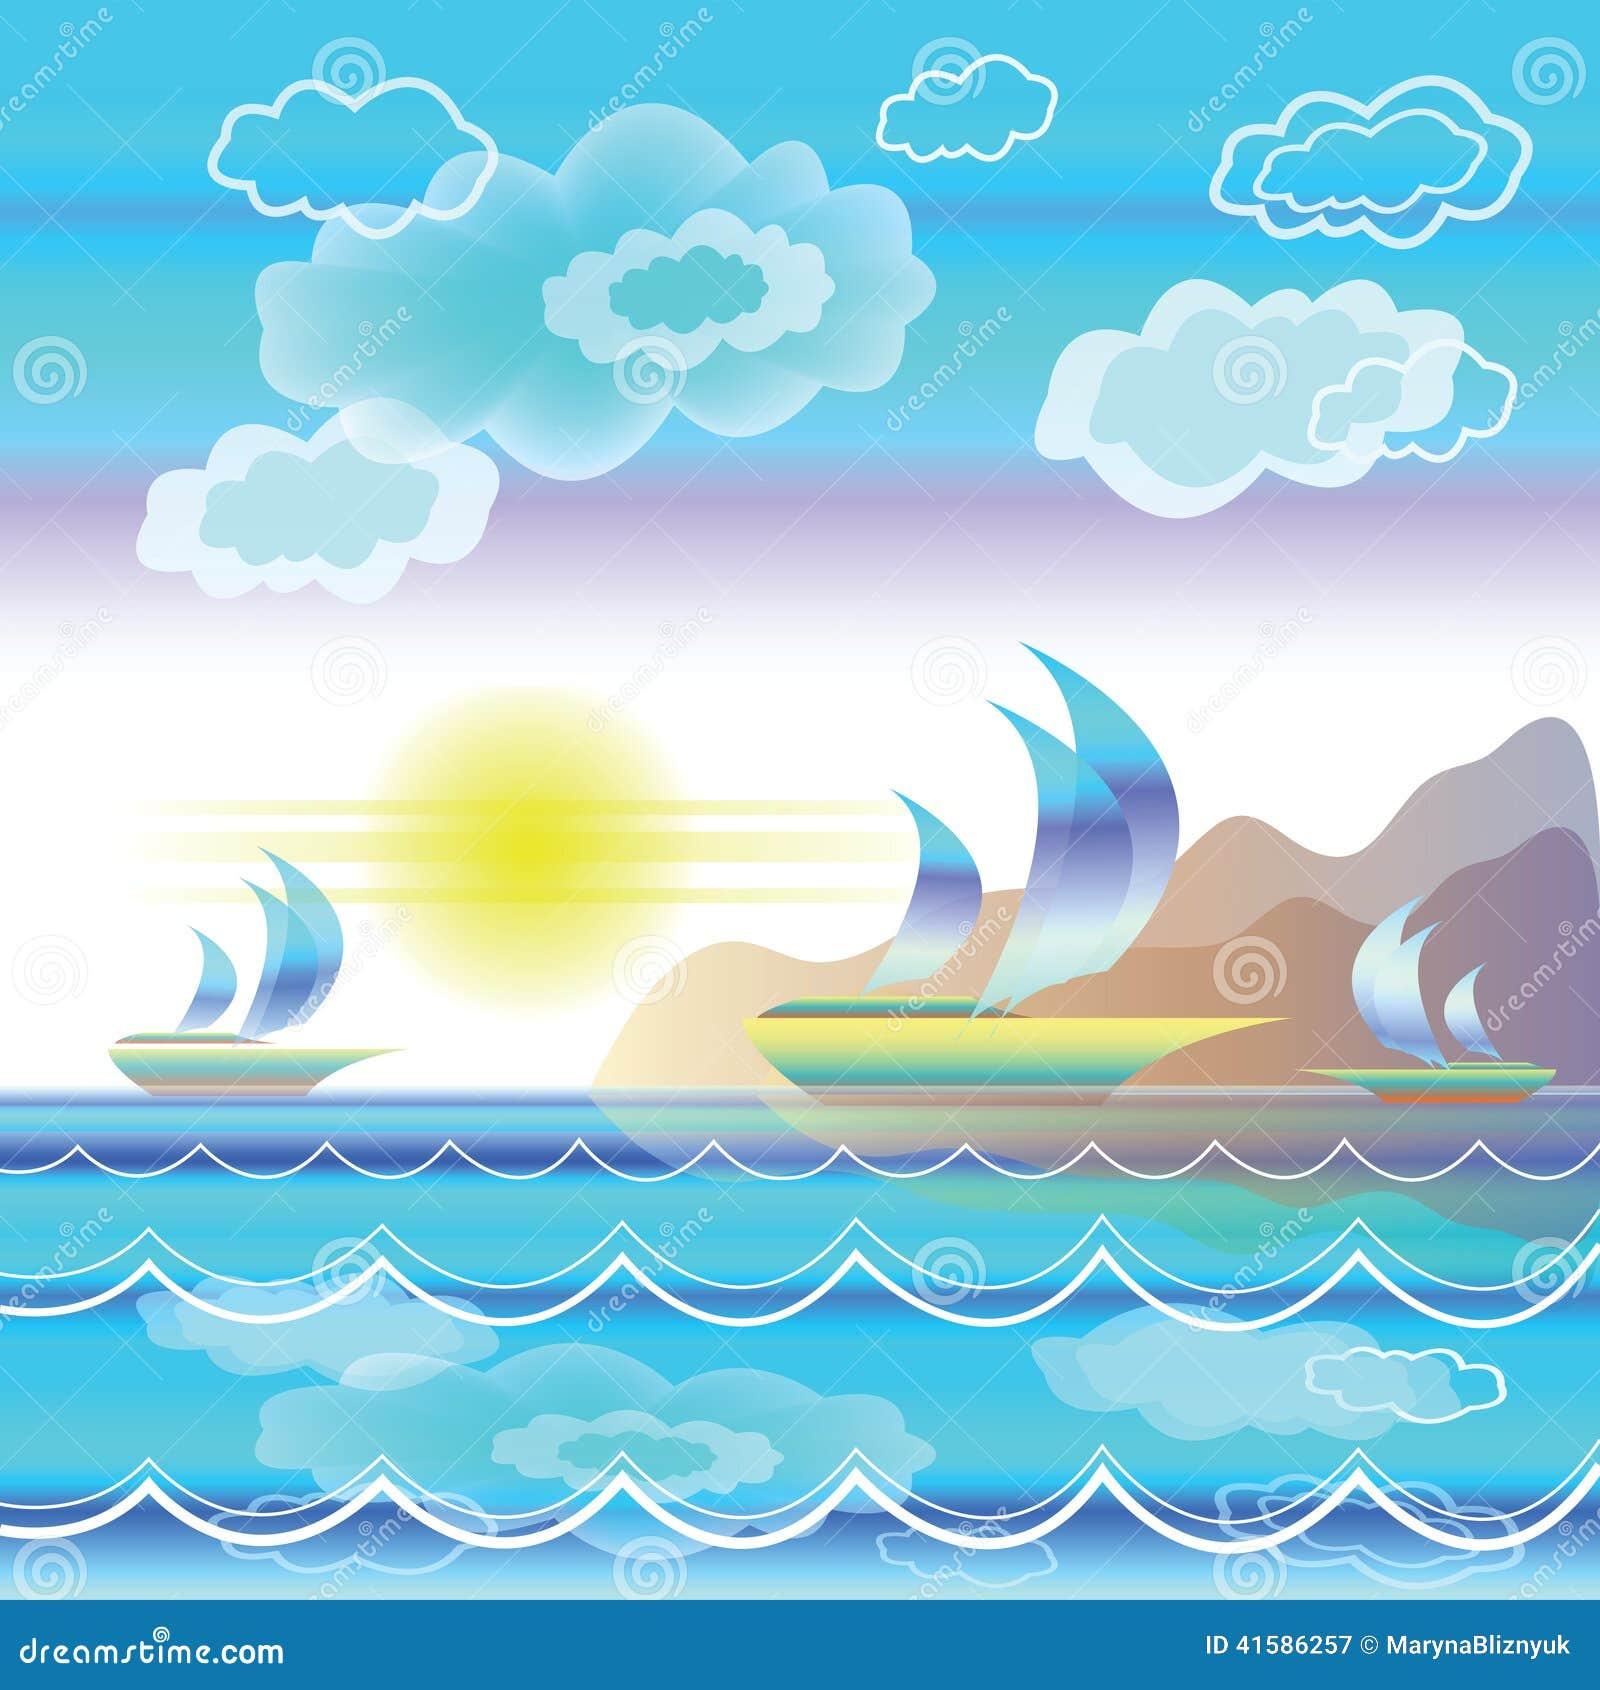 Paesaggio stilizzato del mare con le barche a vela for Disegno paesaggio marino